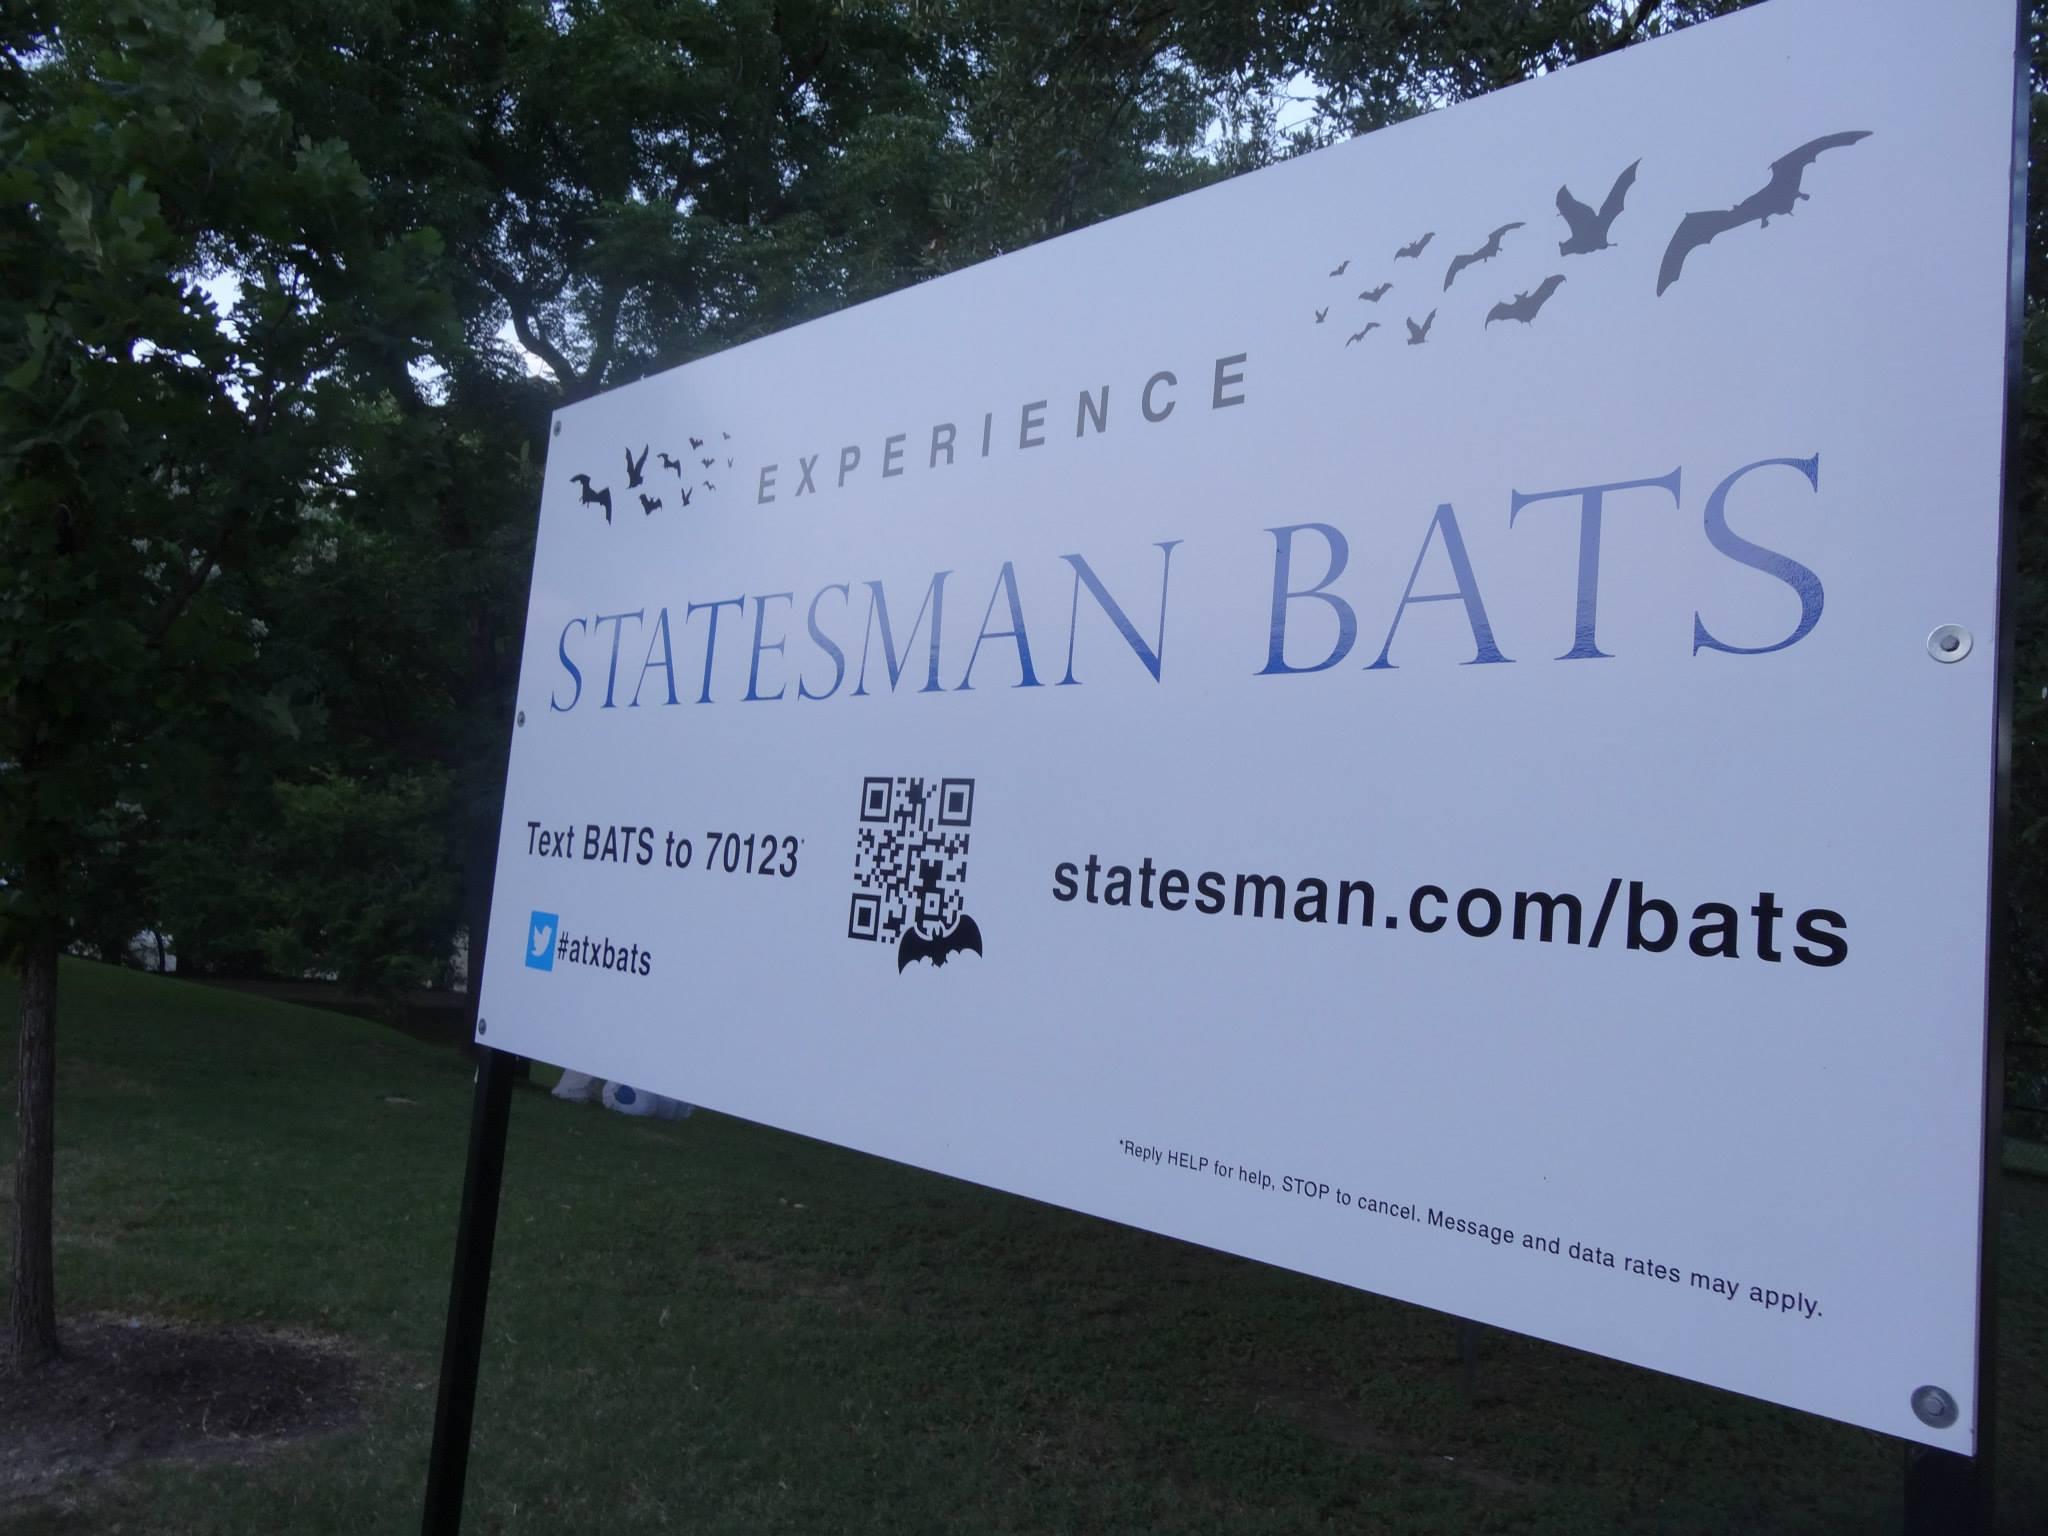 Statesman bat experience sign